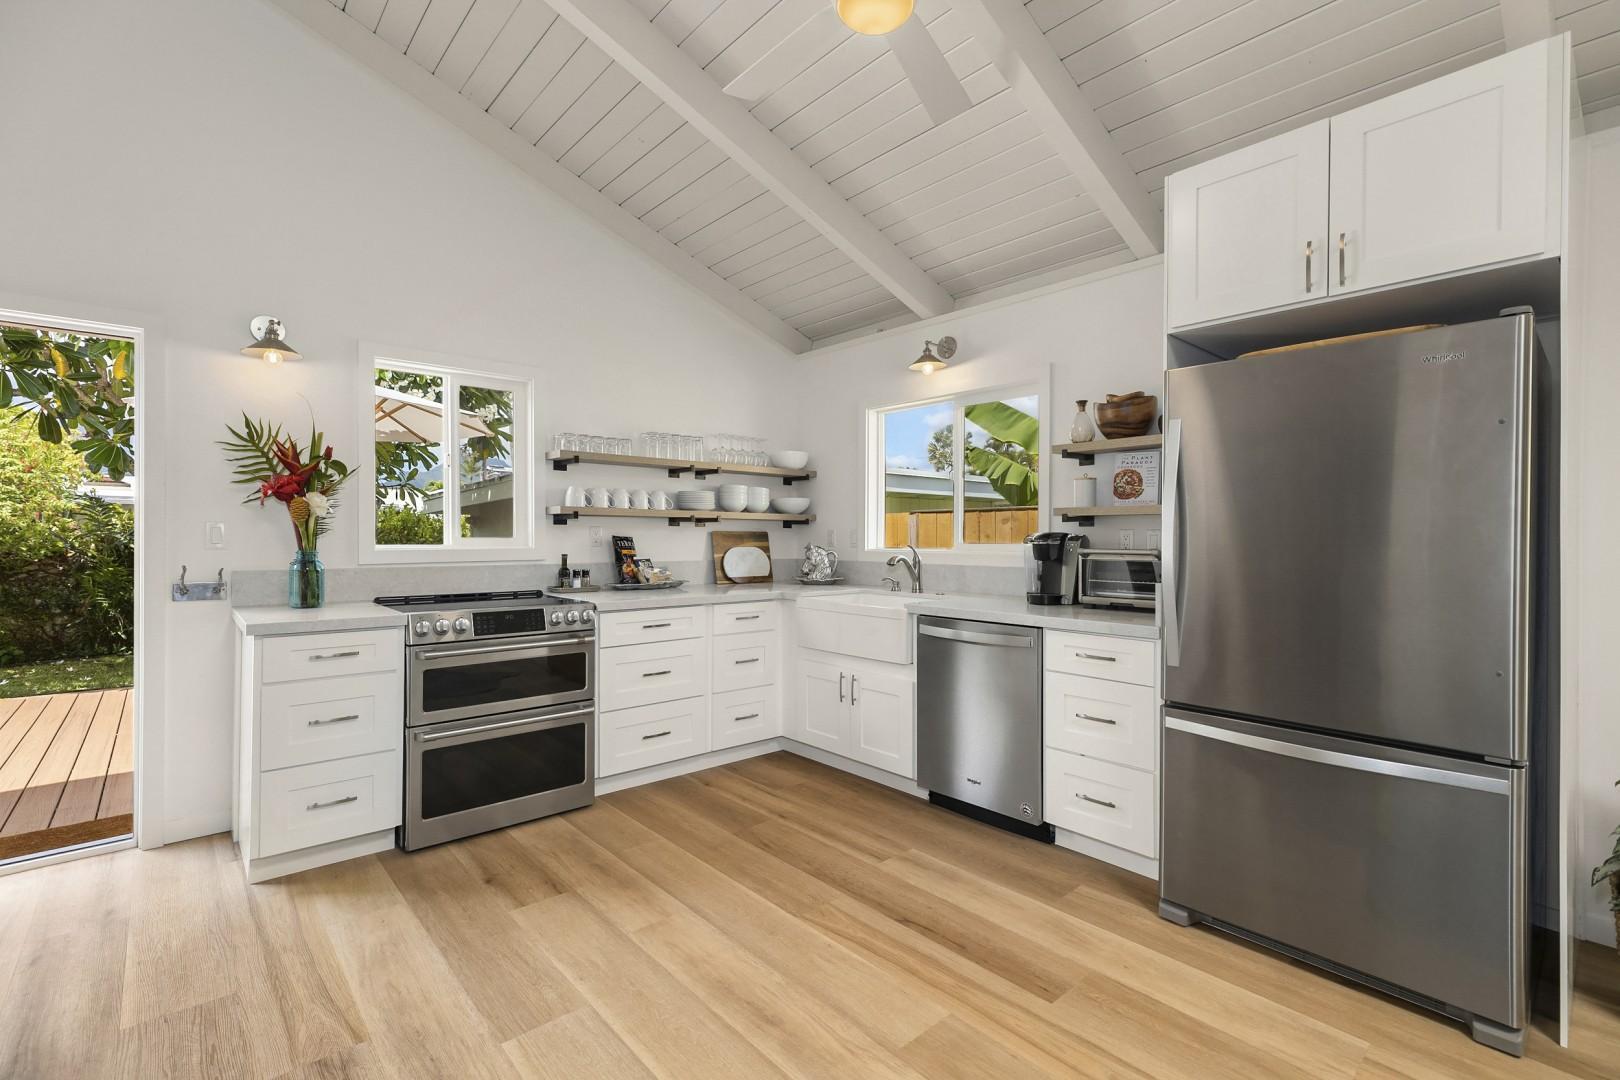 Modern kitchen with updated appliances